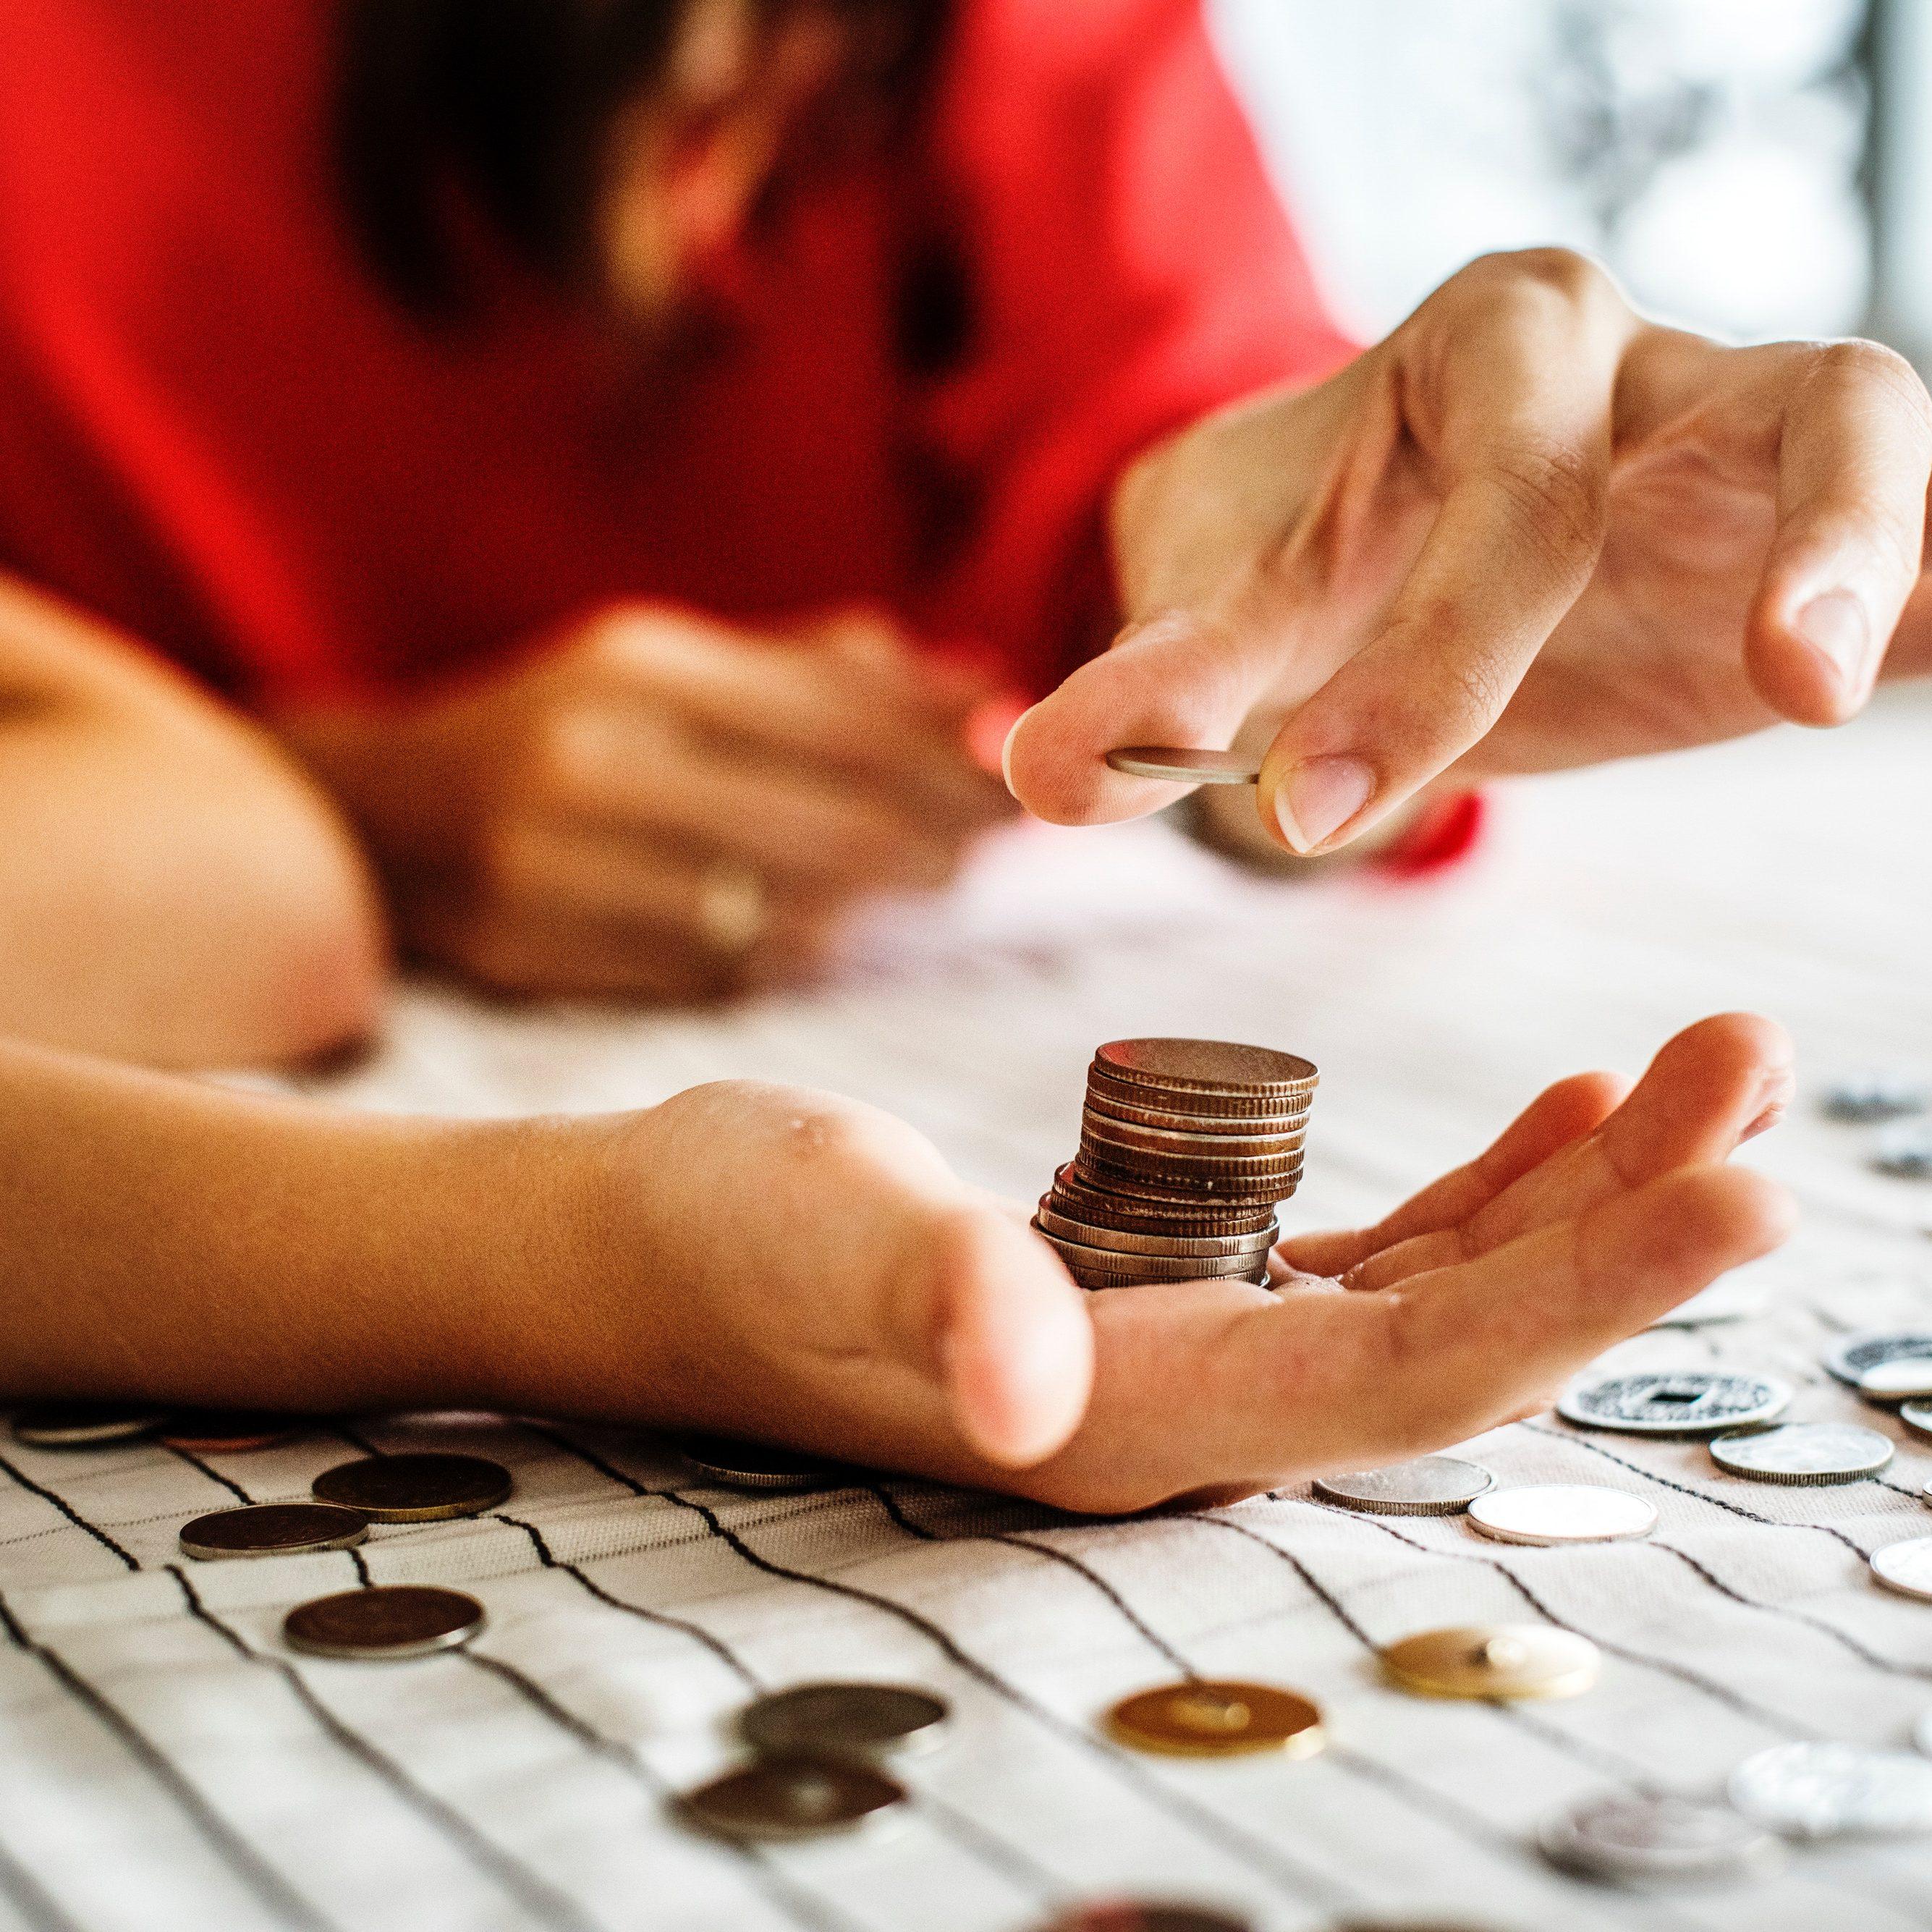 100 formas de ahorrar dinero que funcionan